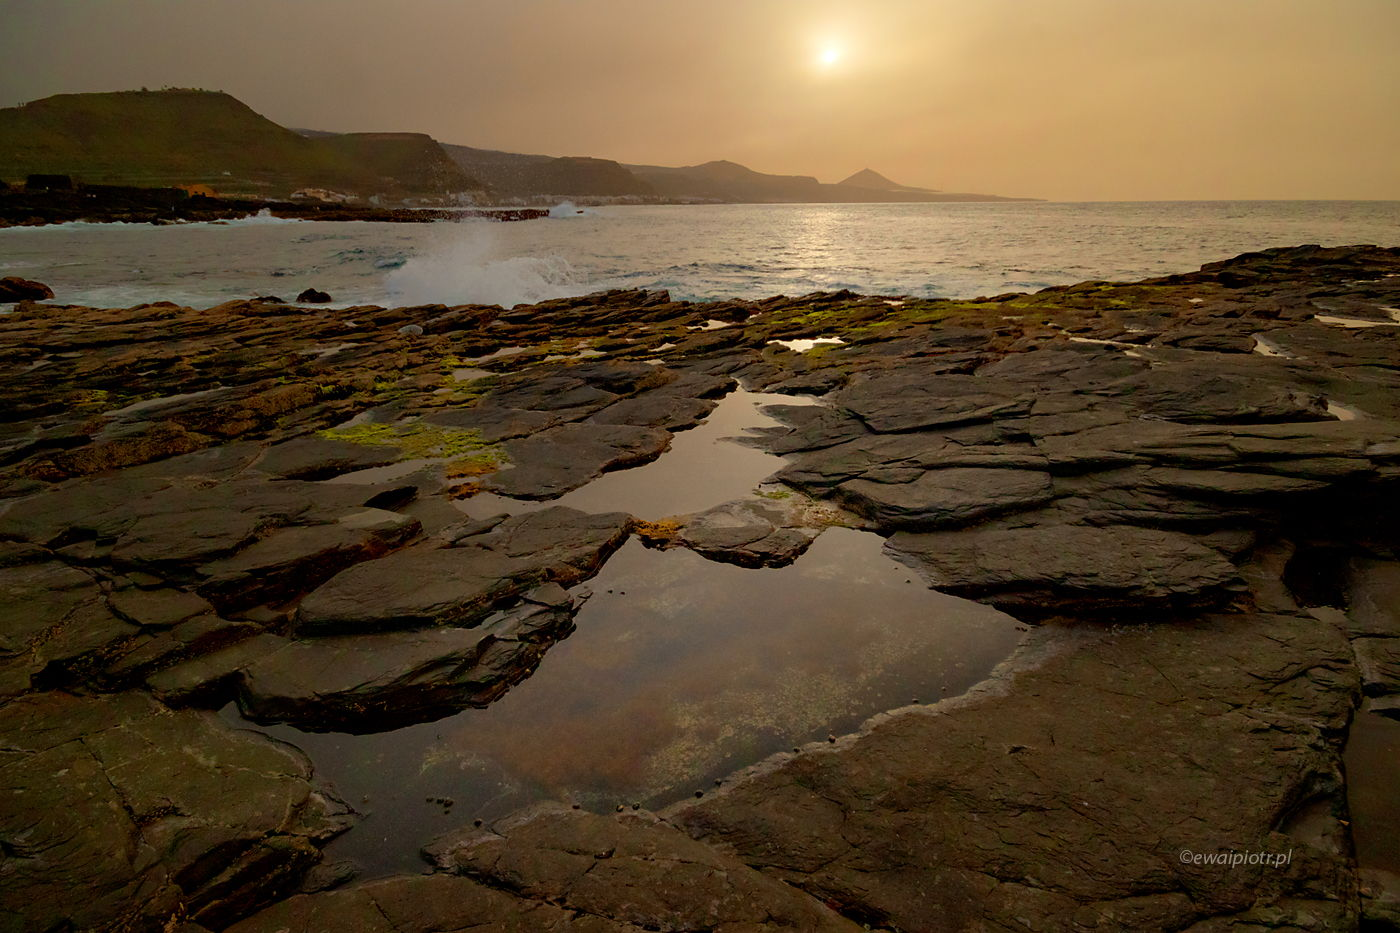 Skaliste wybrzeże i zachodzące słońce, Wyspy Kanaryjskie, ćwiczenia z kompozycji